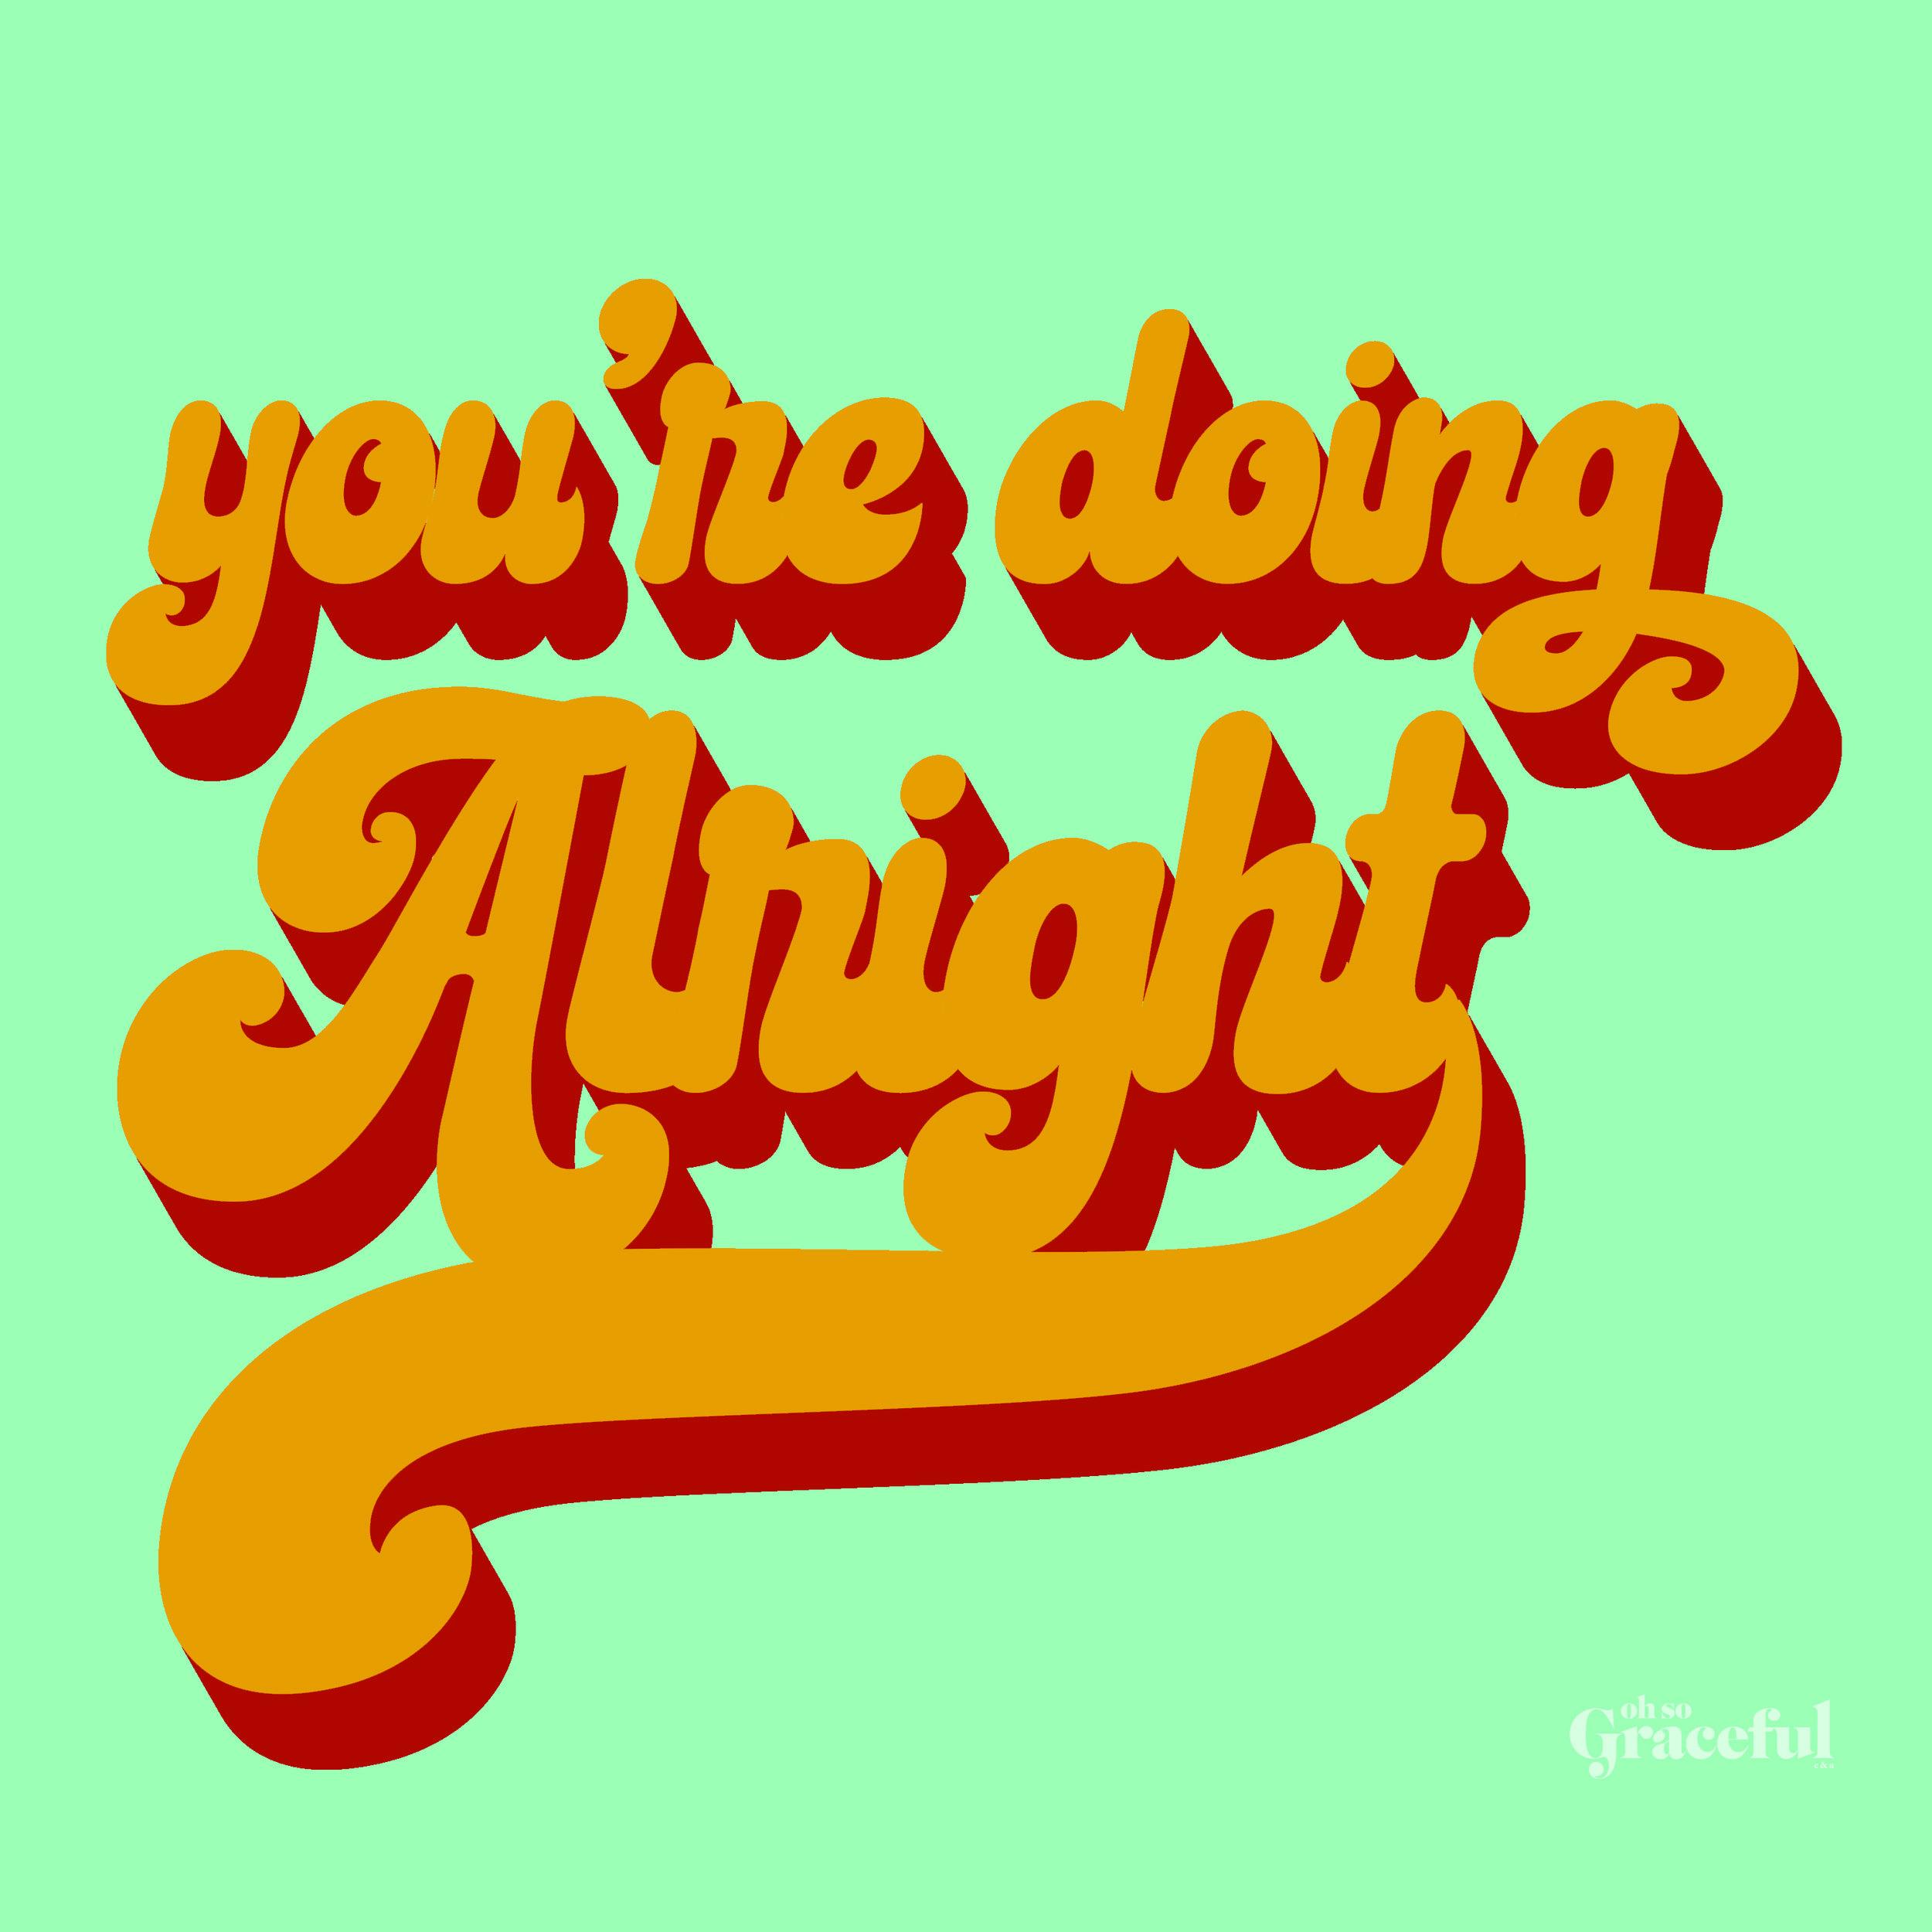 youredoingalright.jpg